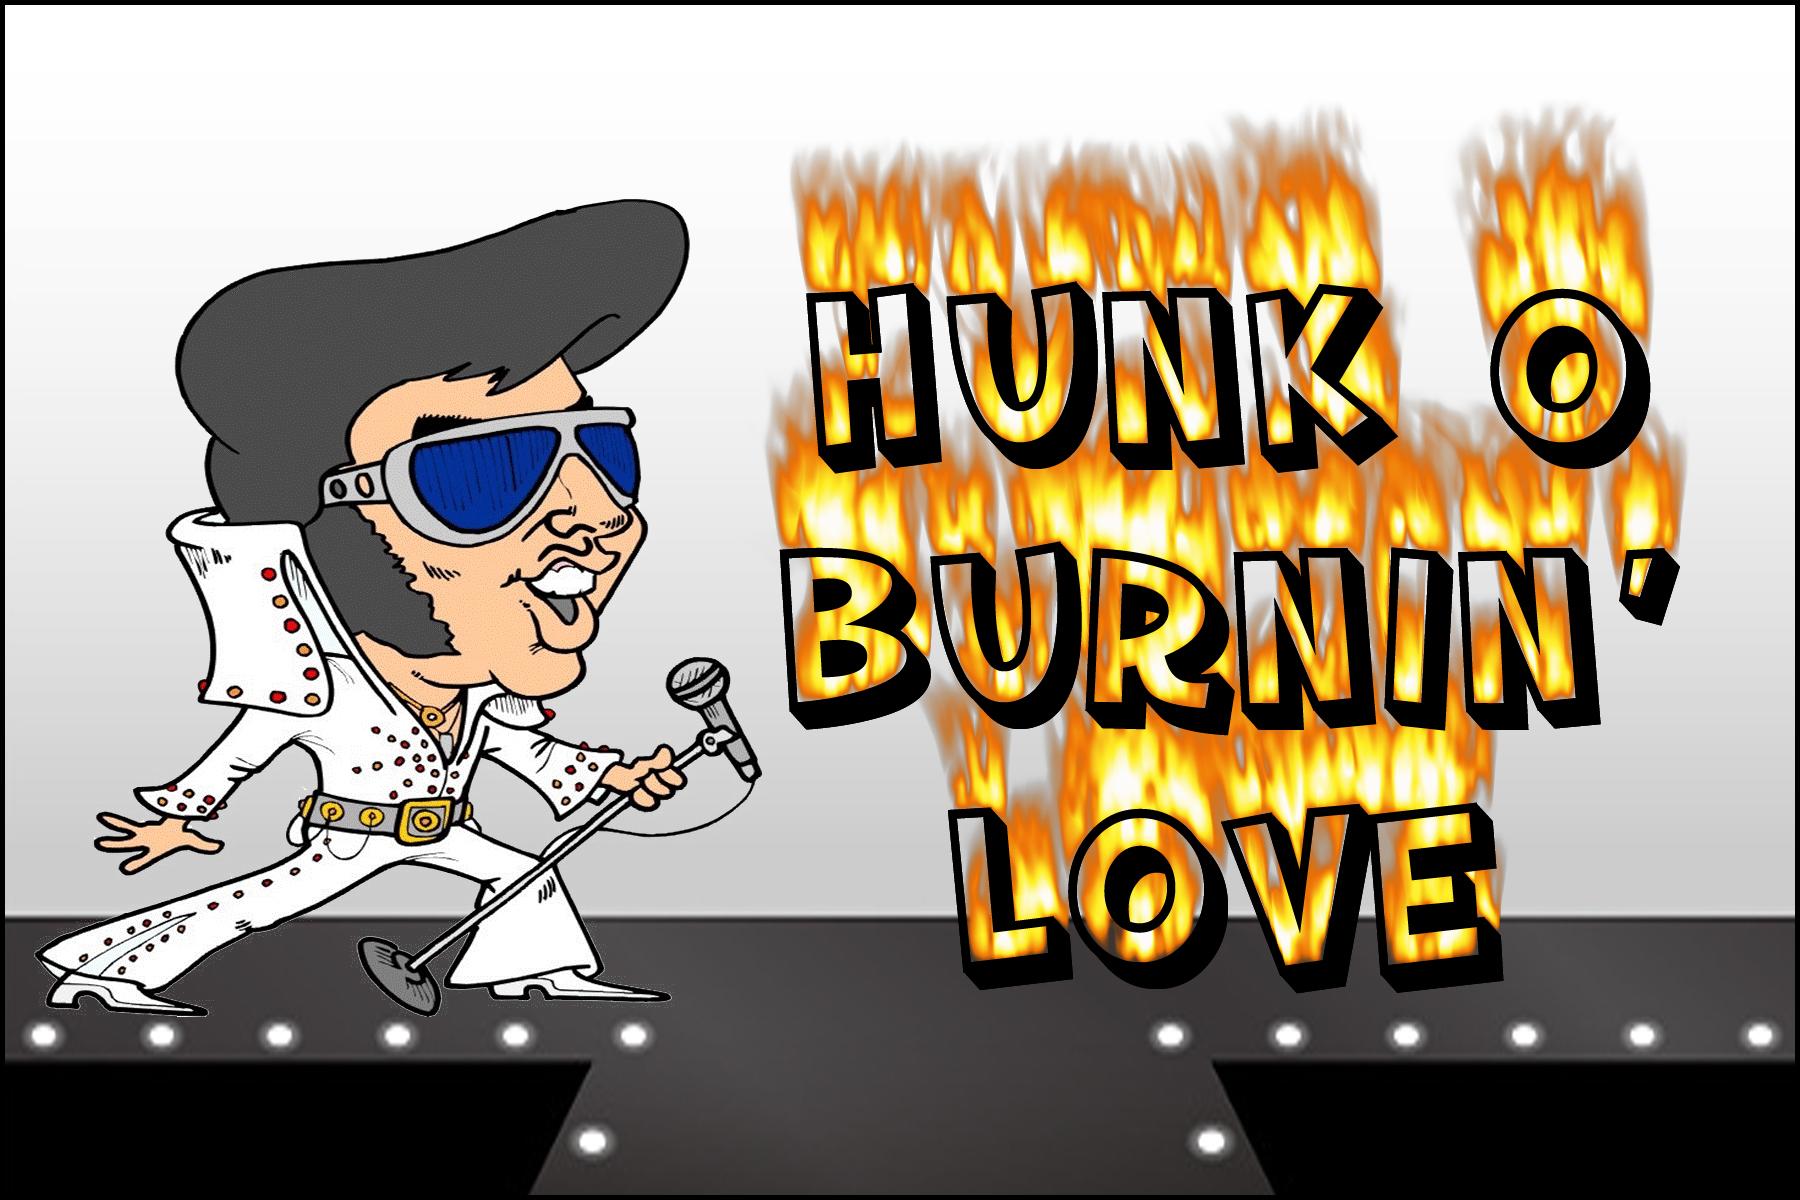 Hunk o Burnin' Love